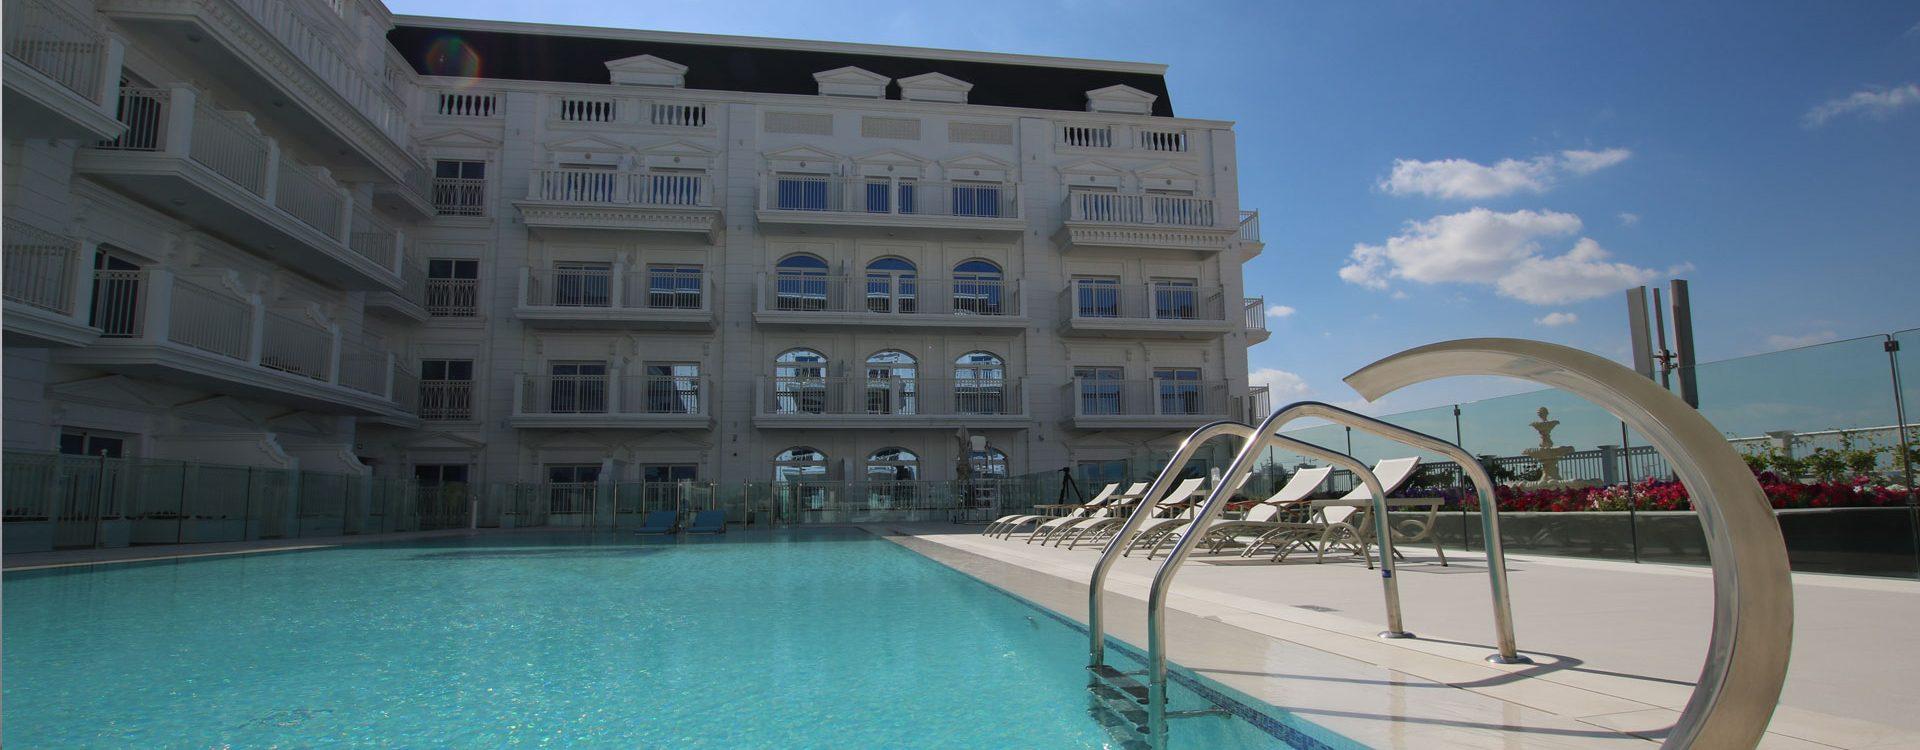 vincitore palacio pool